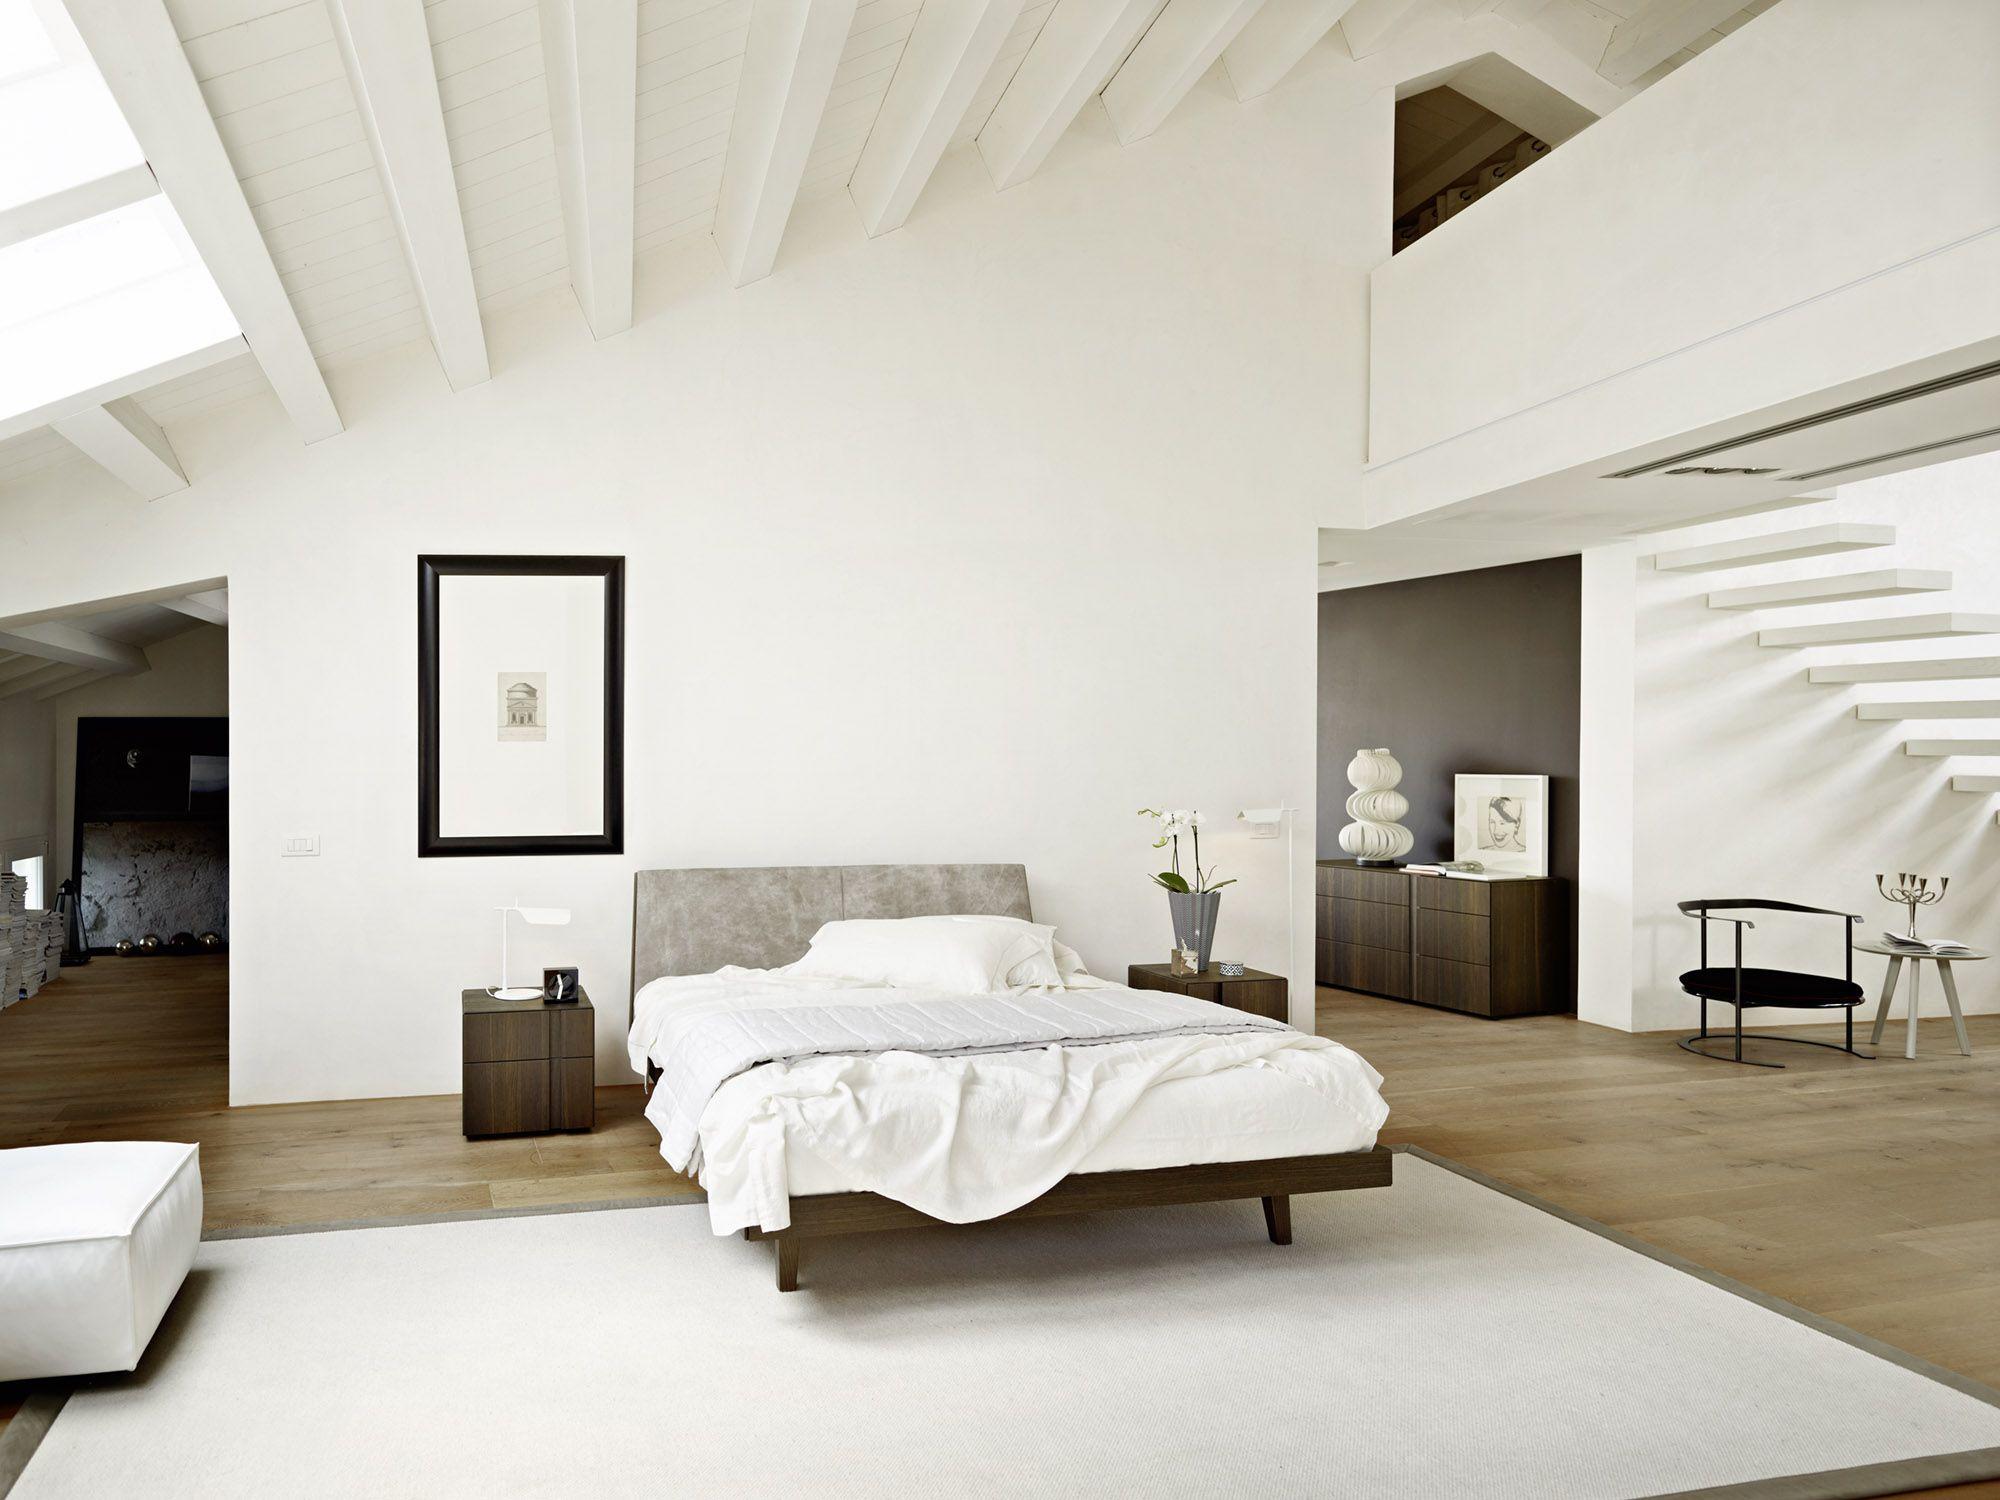 modernes schlafzimmer design, ein modernes schlafzimmer von livitalia aus italien. #inspiration, Design ideen